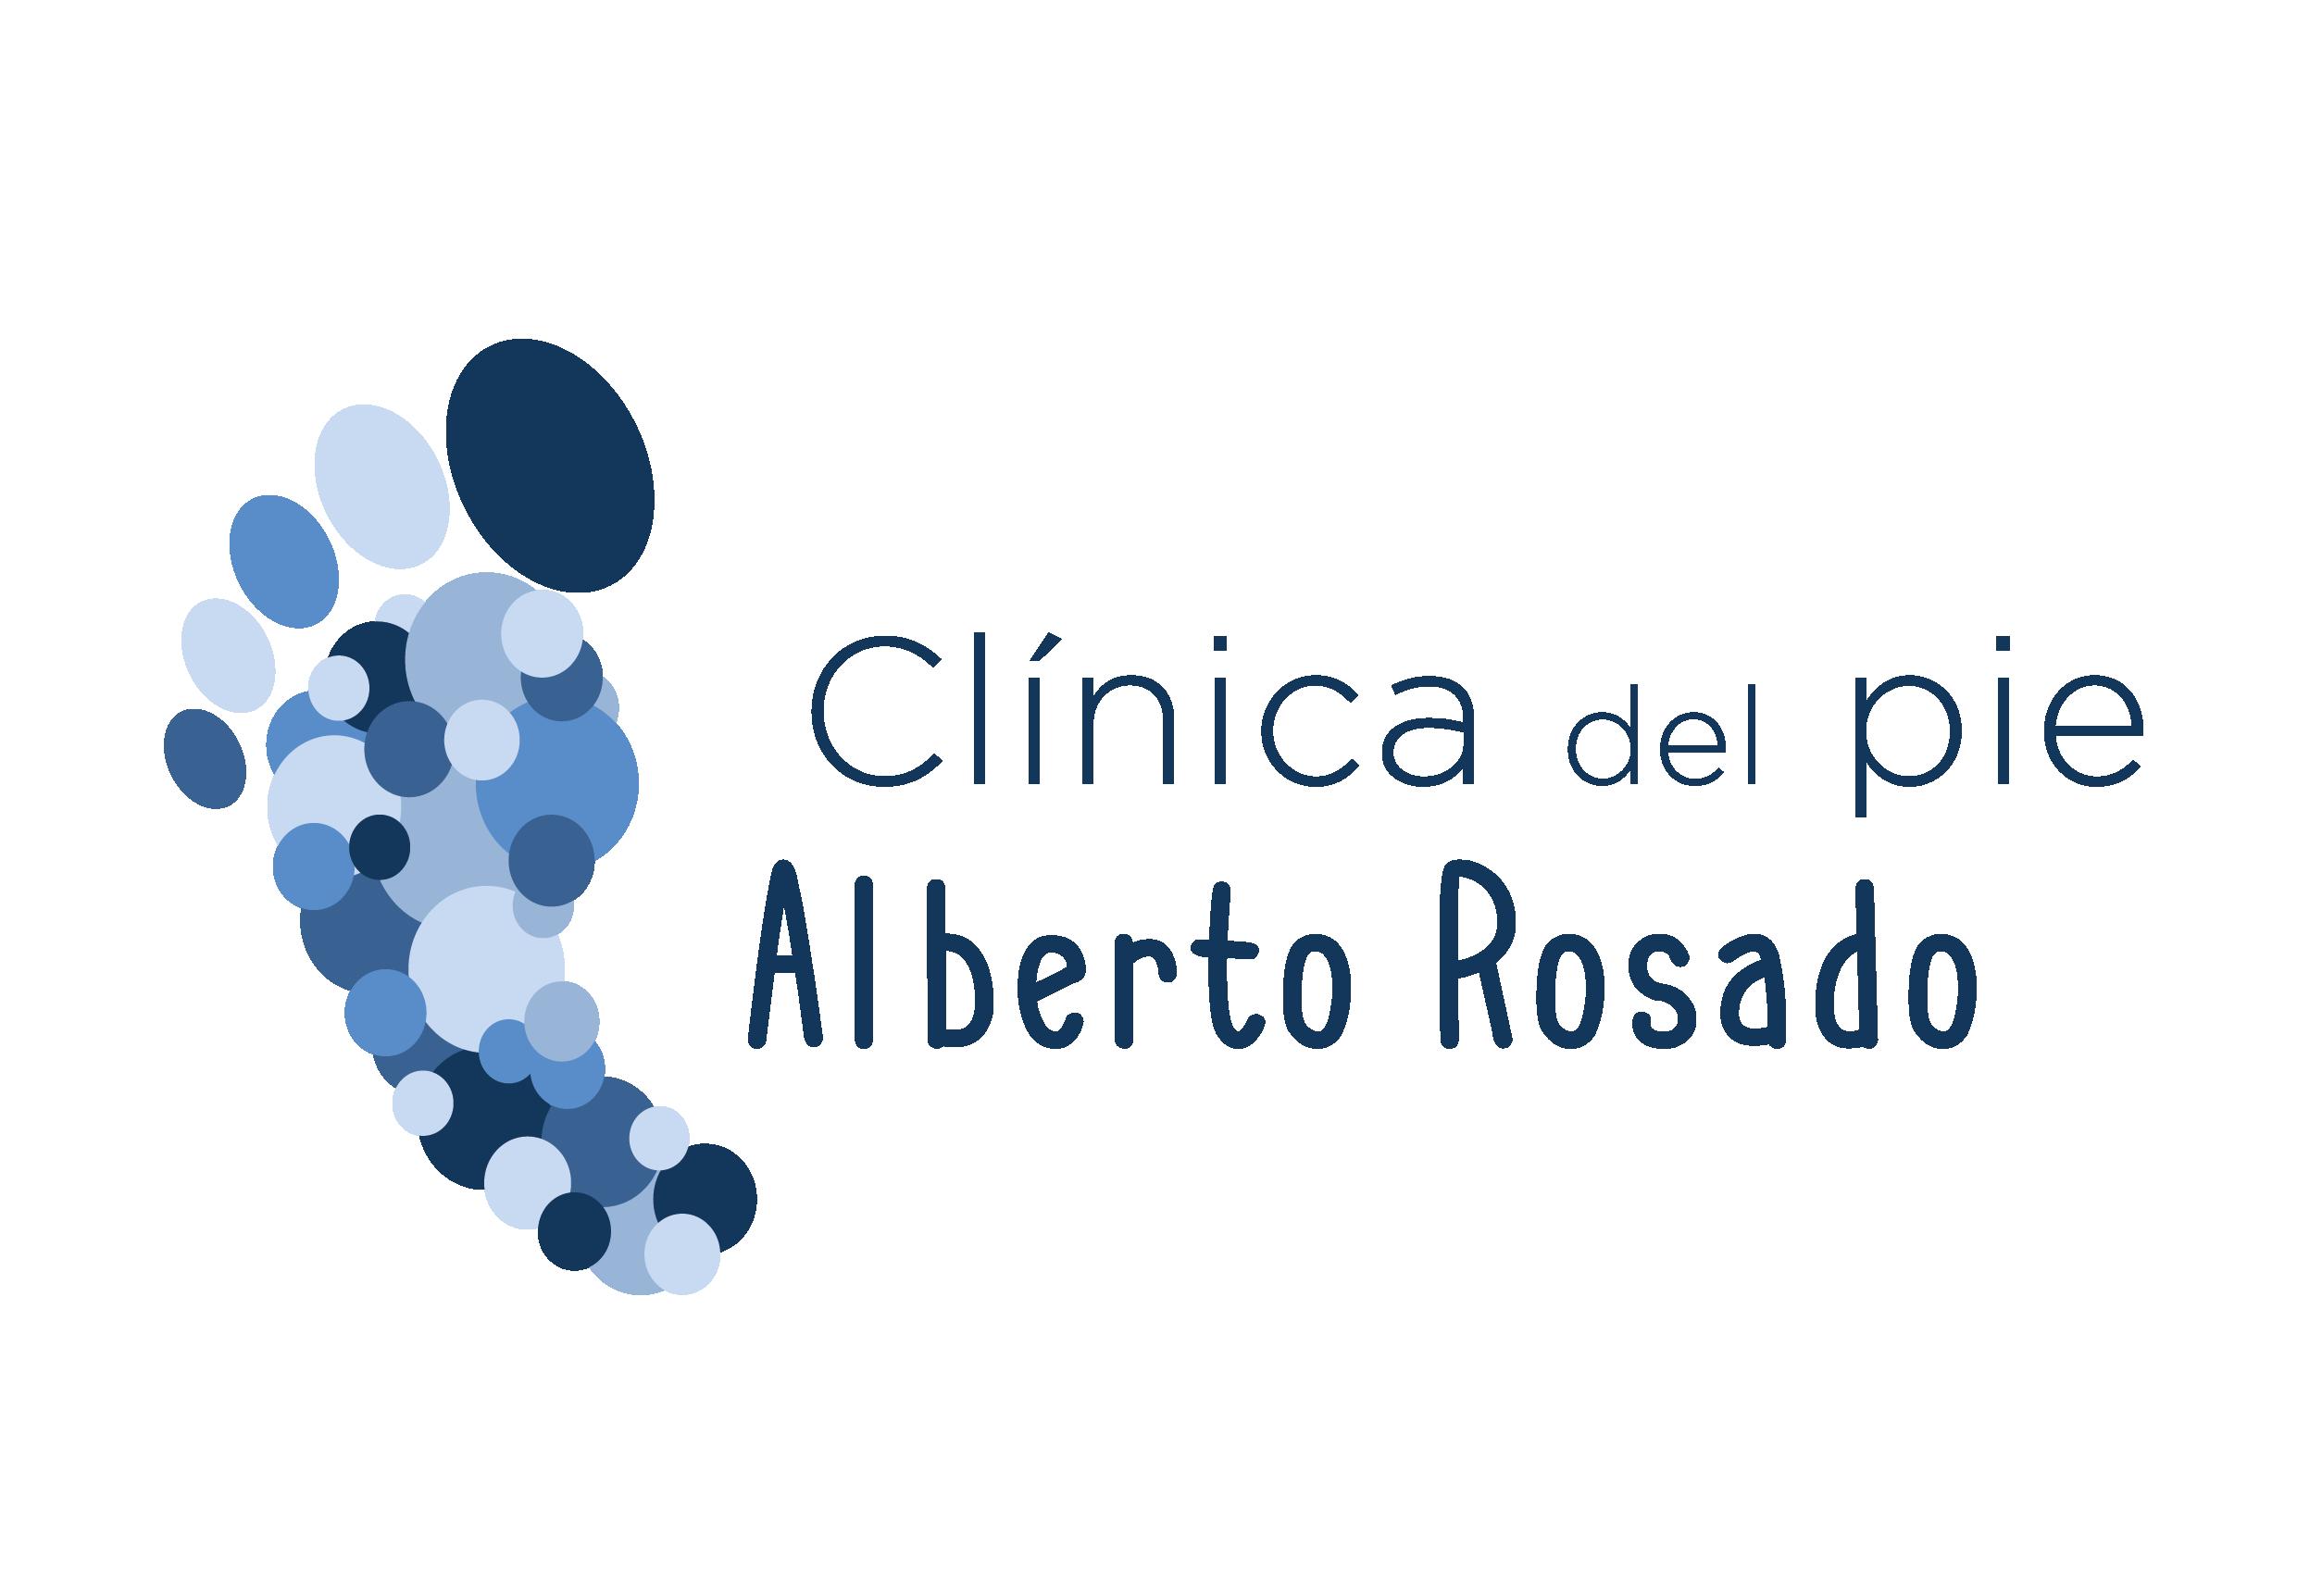 Clínica del pie Alberto Rosado